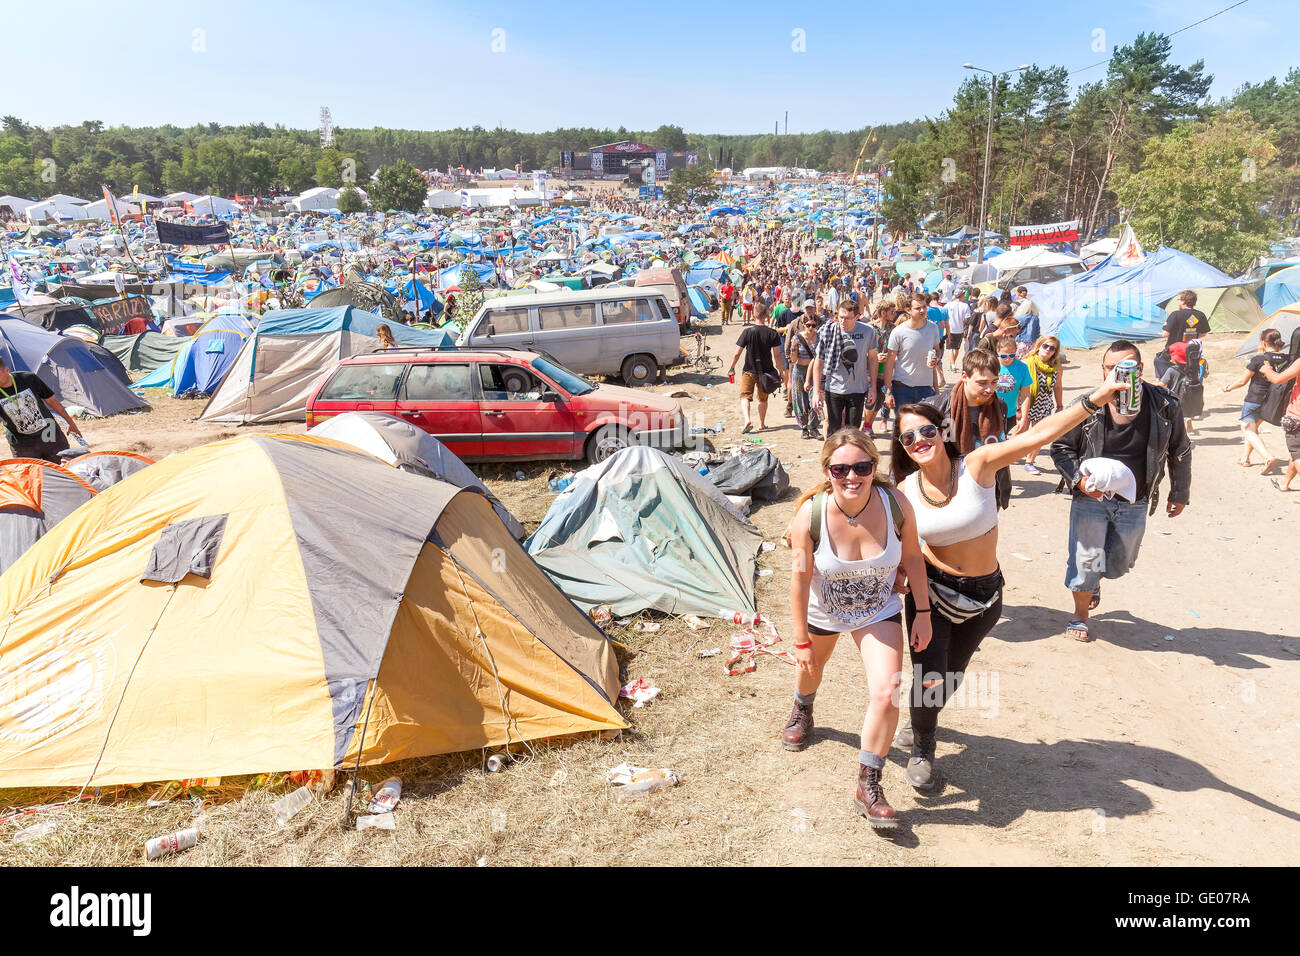 Las personas felices en el 21 Festival de Woodstock (Polonia Przystanek Woodstock). Imagen De Stock